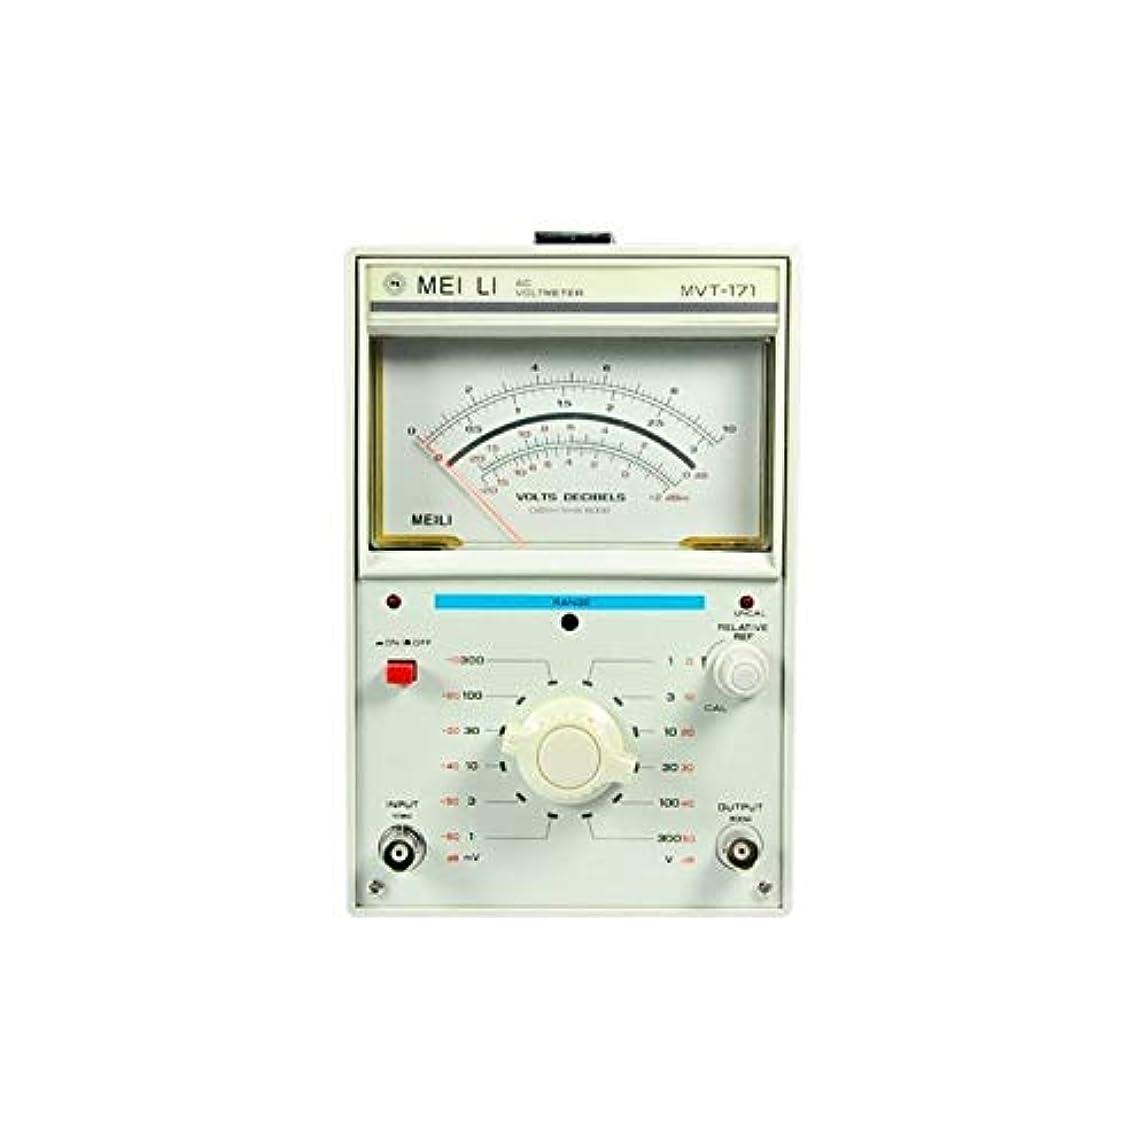 不信ブロックきらきら電子計測機器 MVT-171シングルニードル1チャンネルミリボルトメーター1mV-300V 高精度 (Size : 220V)